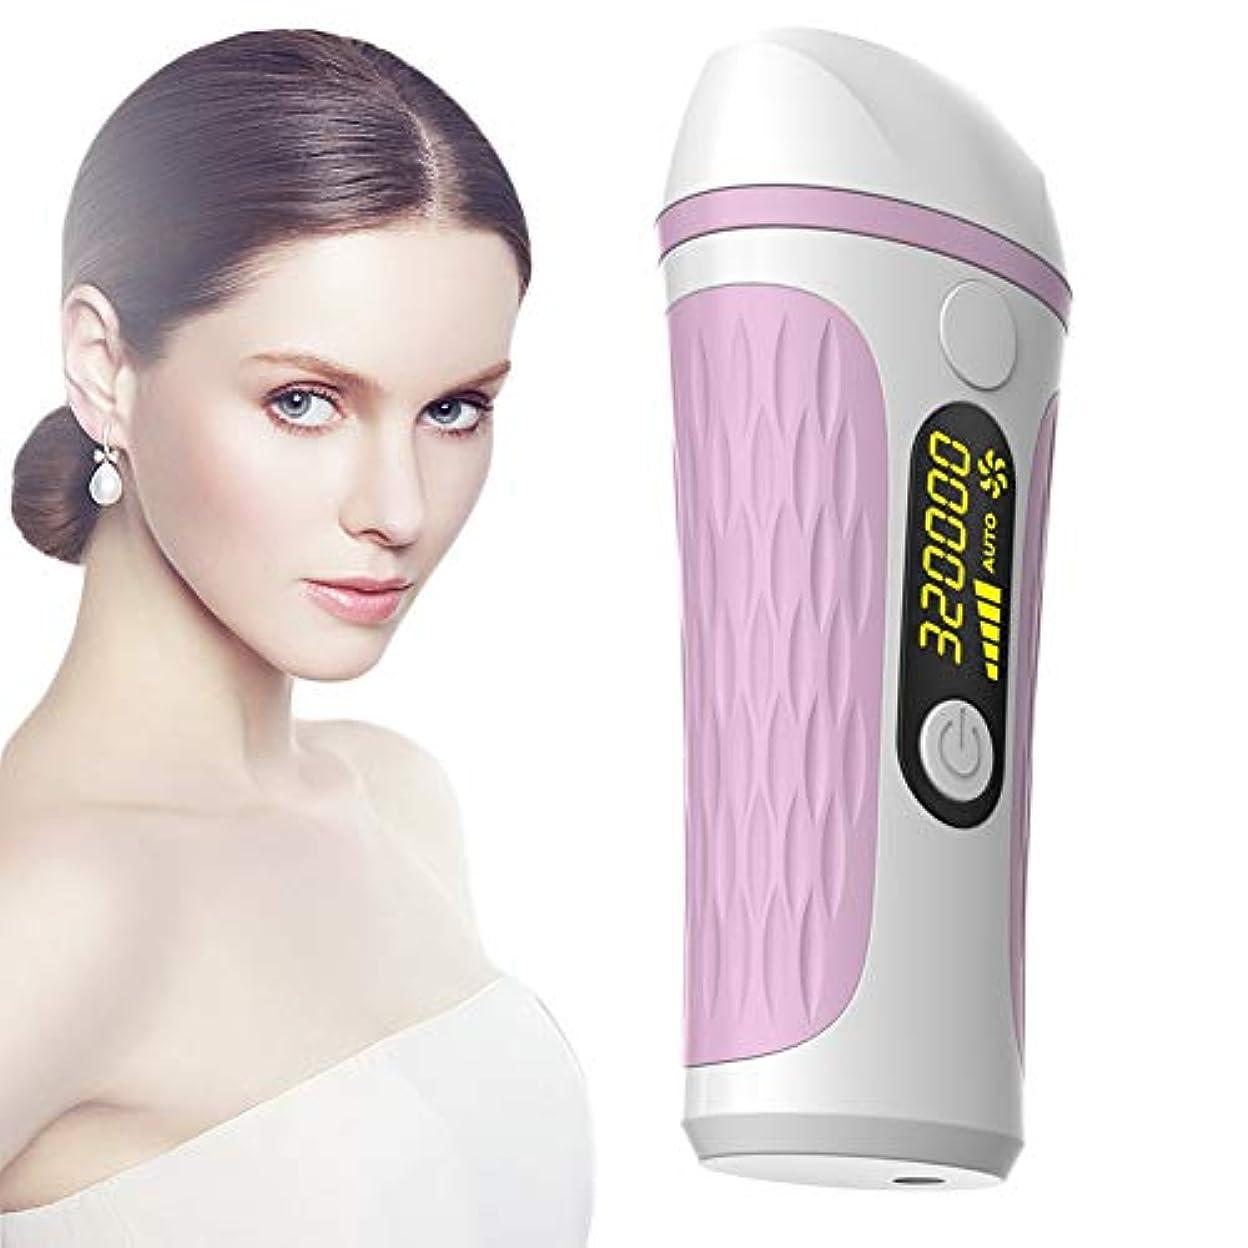 フォーム公賢明な脱毛器、IPLレーザーデバイス永久脱毛脇の下500,000液晶画面付き、女性用フェイス&ボディビキニトリマー